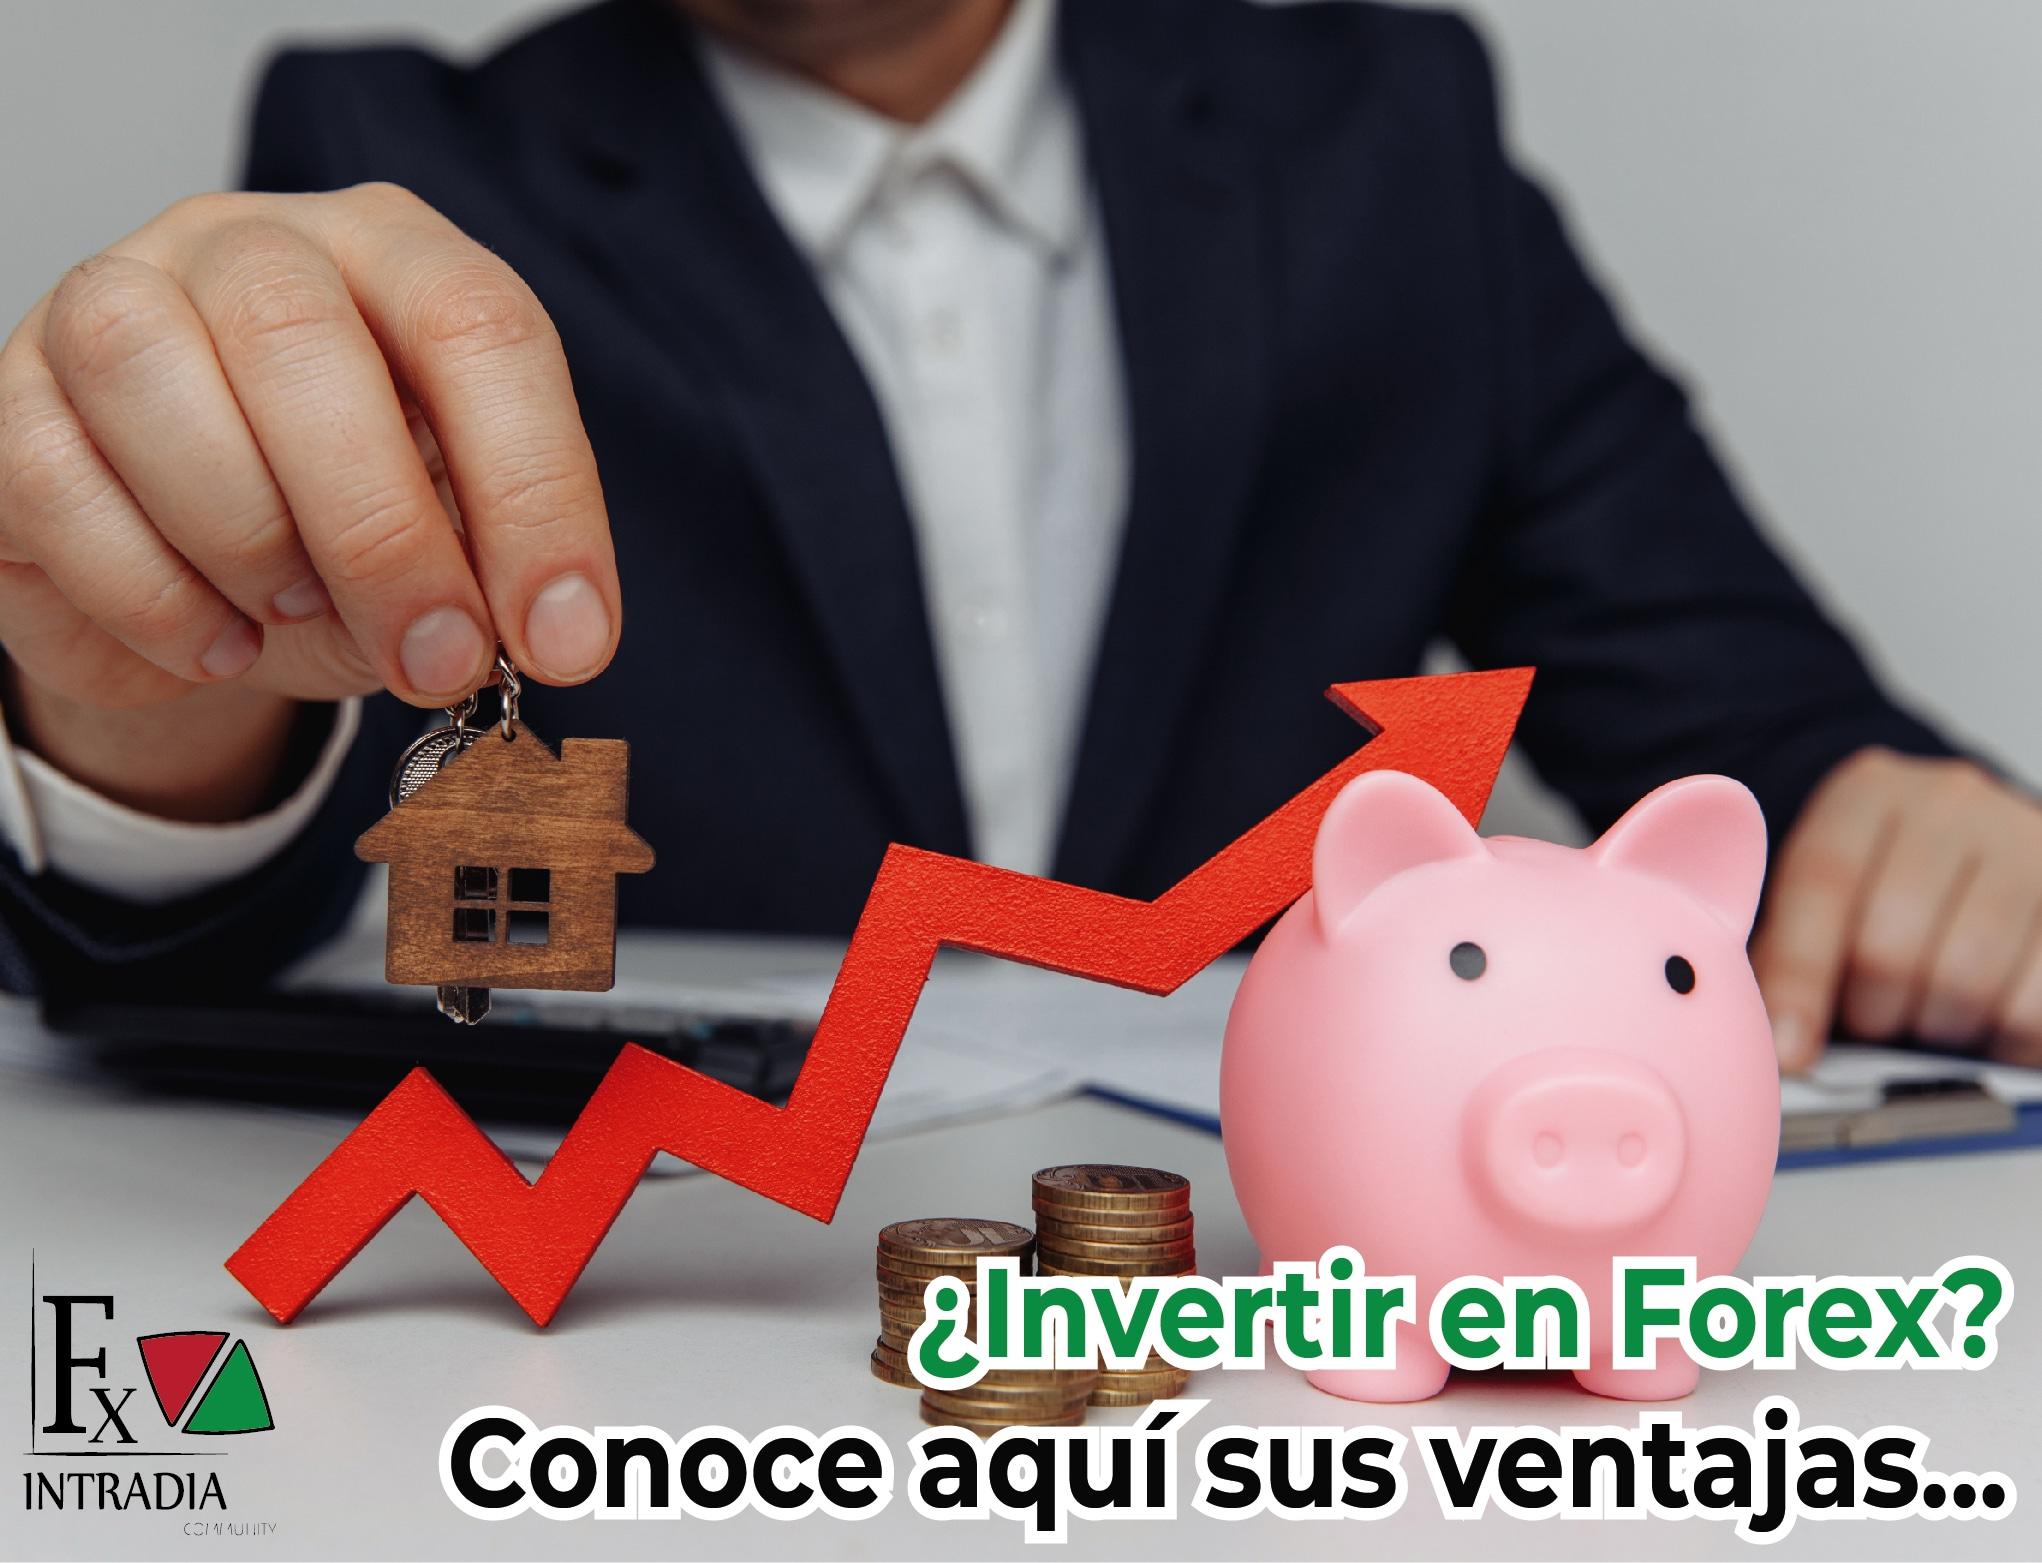 ¿Invertir en forex? Conoce aquí sus ventajas